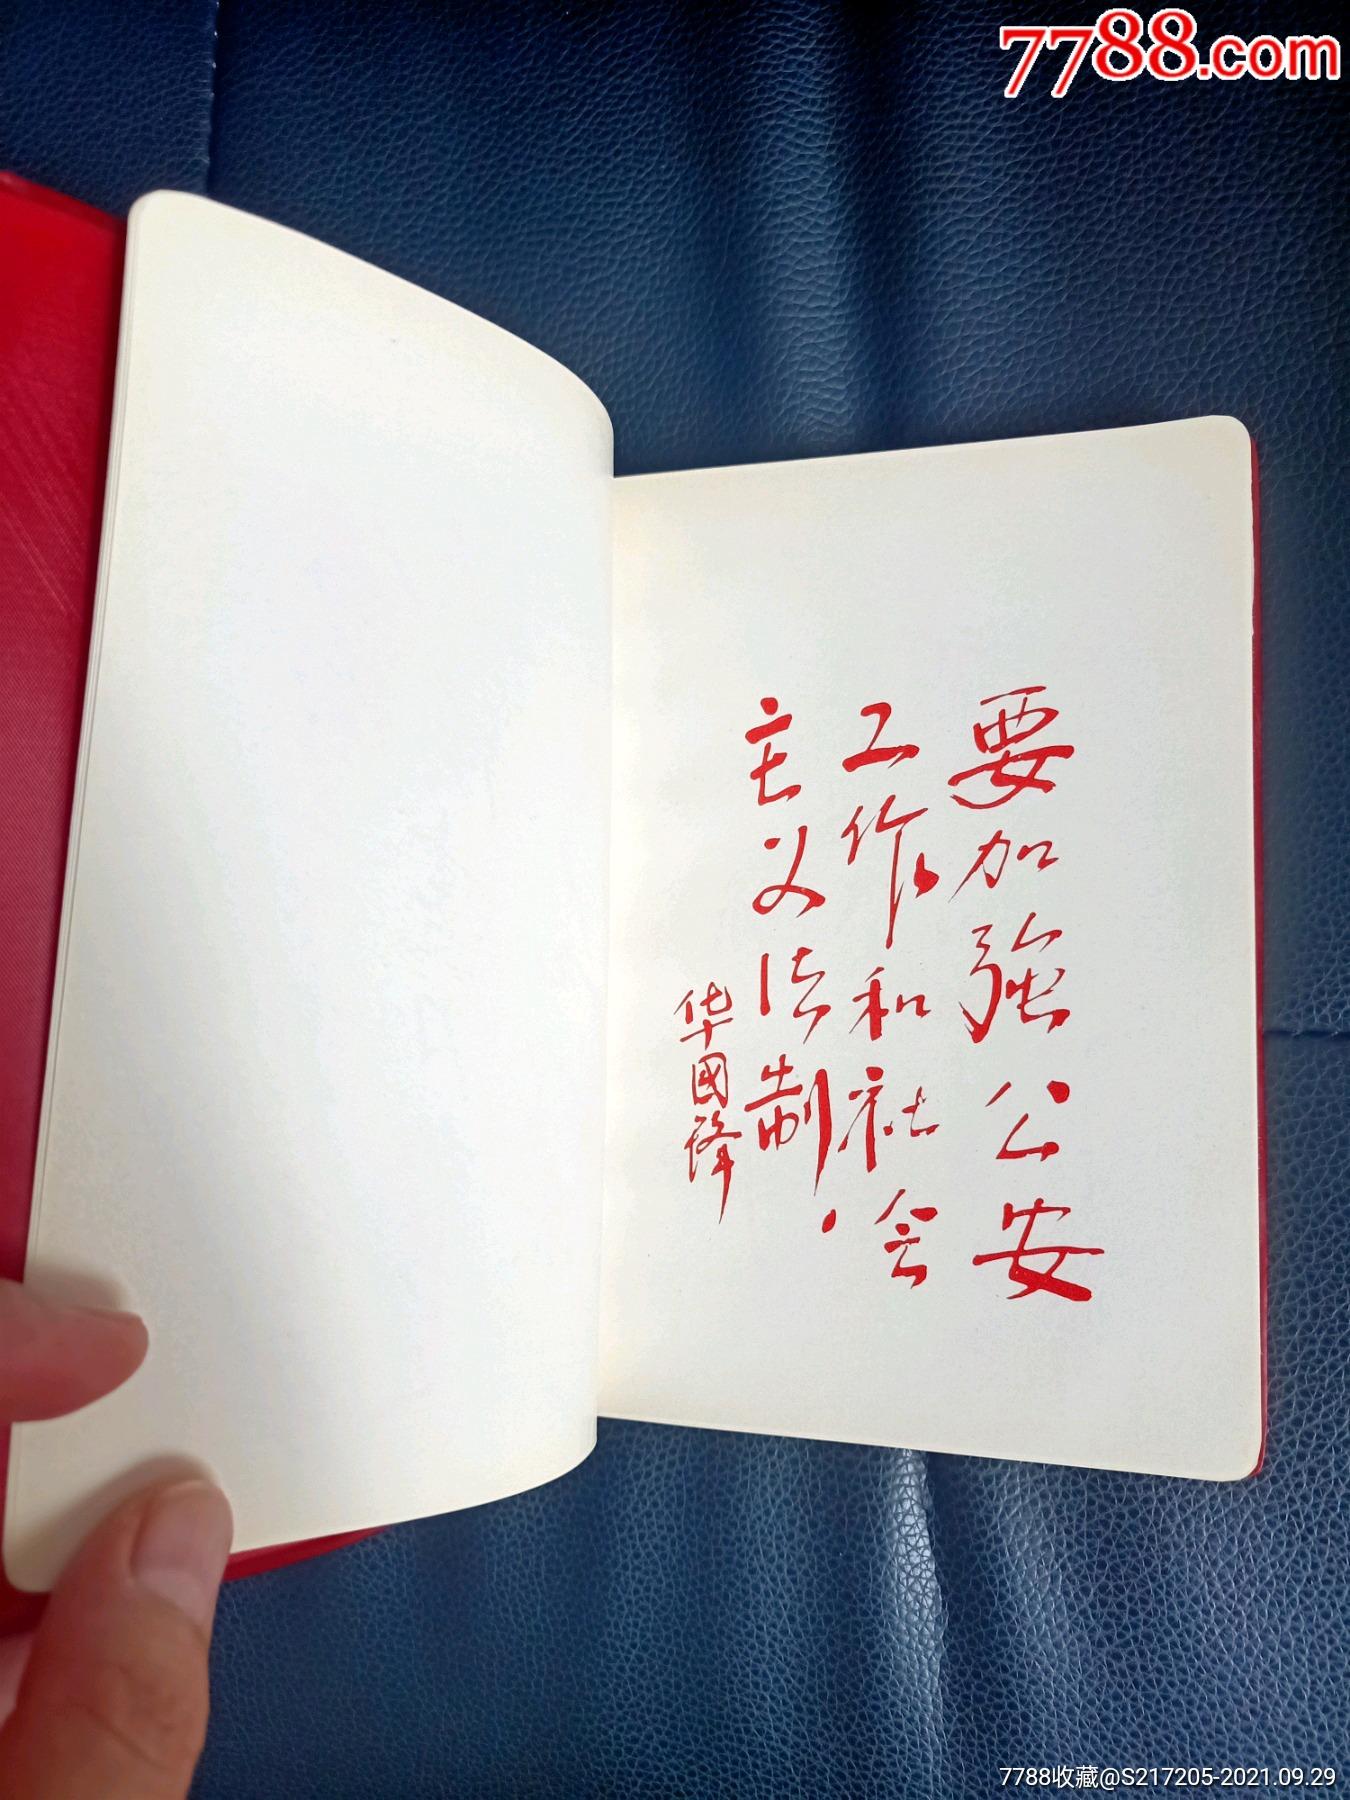 美品未用北京市*安局治保会和治保积极分子笔记本_价格50元_第9张_